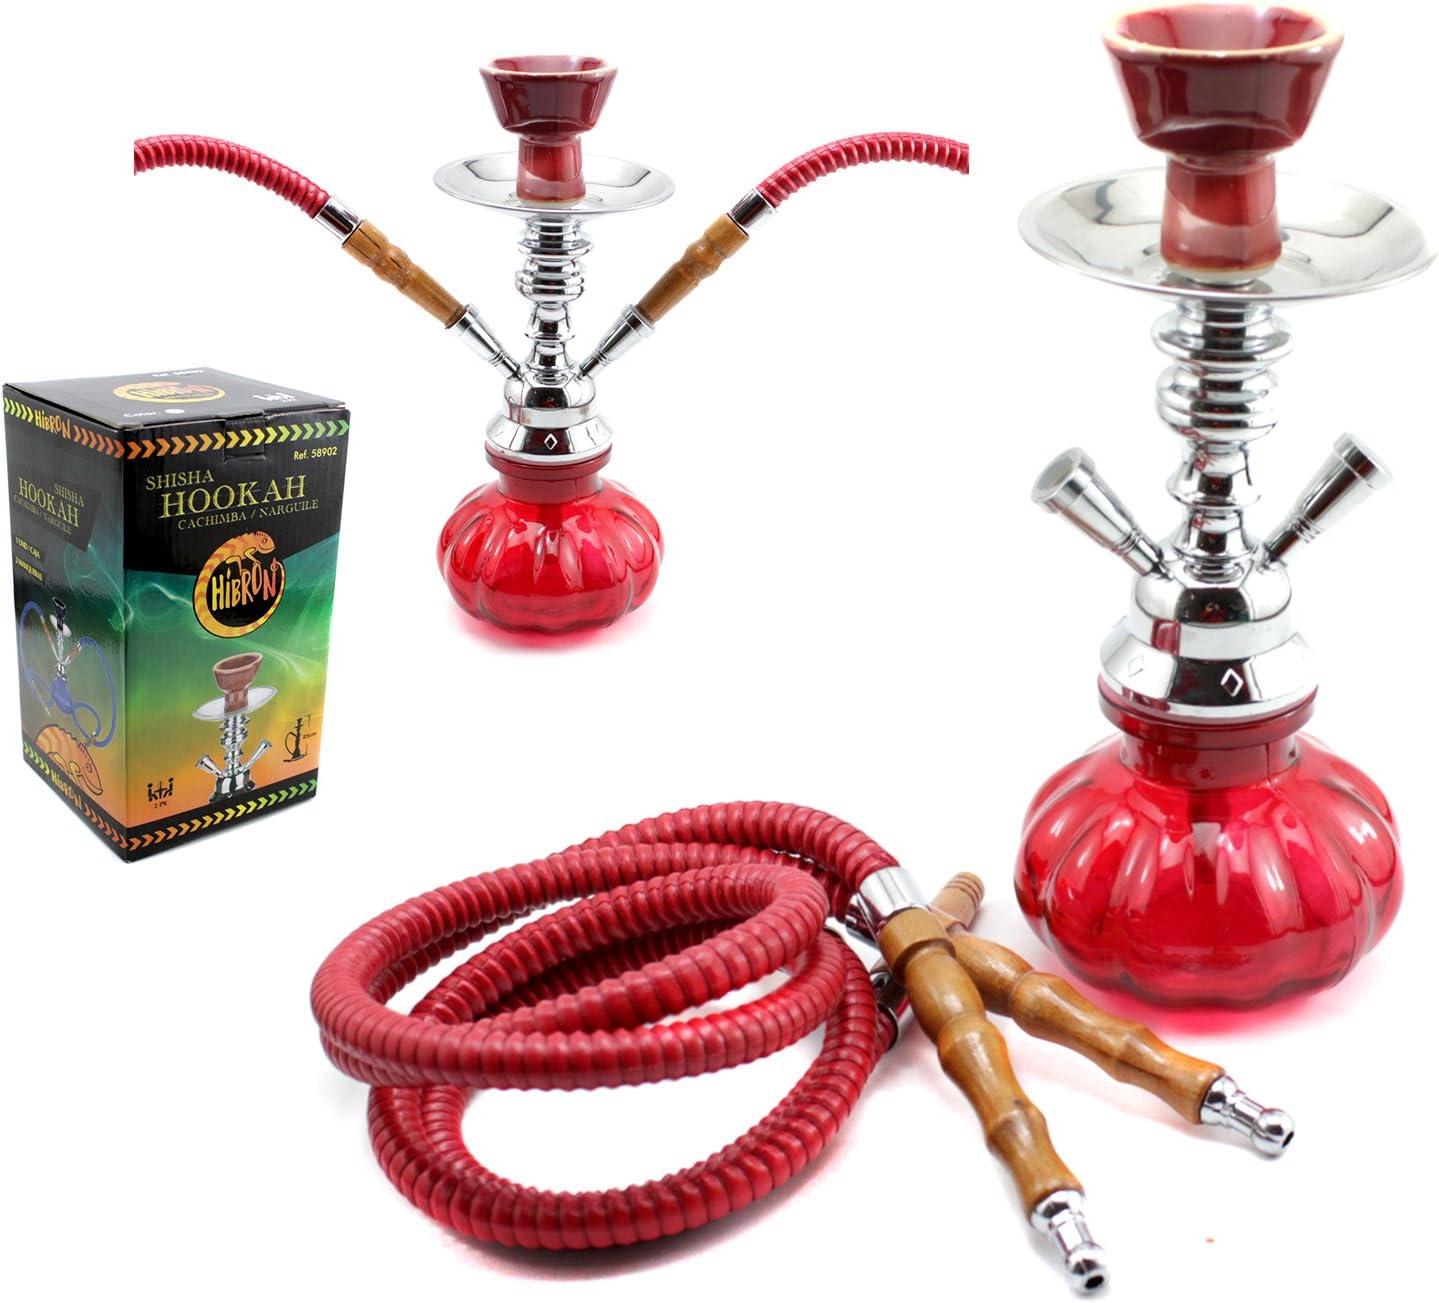 HIBRON® Cachimba shisha hookha pequeña 25cm 2 mangueras, kit de iniciación completa premium (rojo)